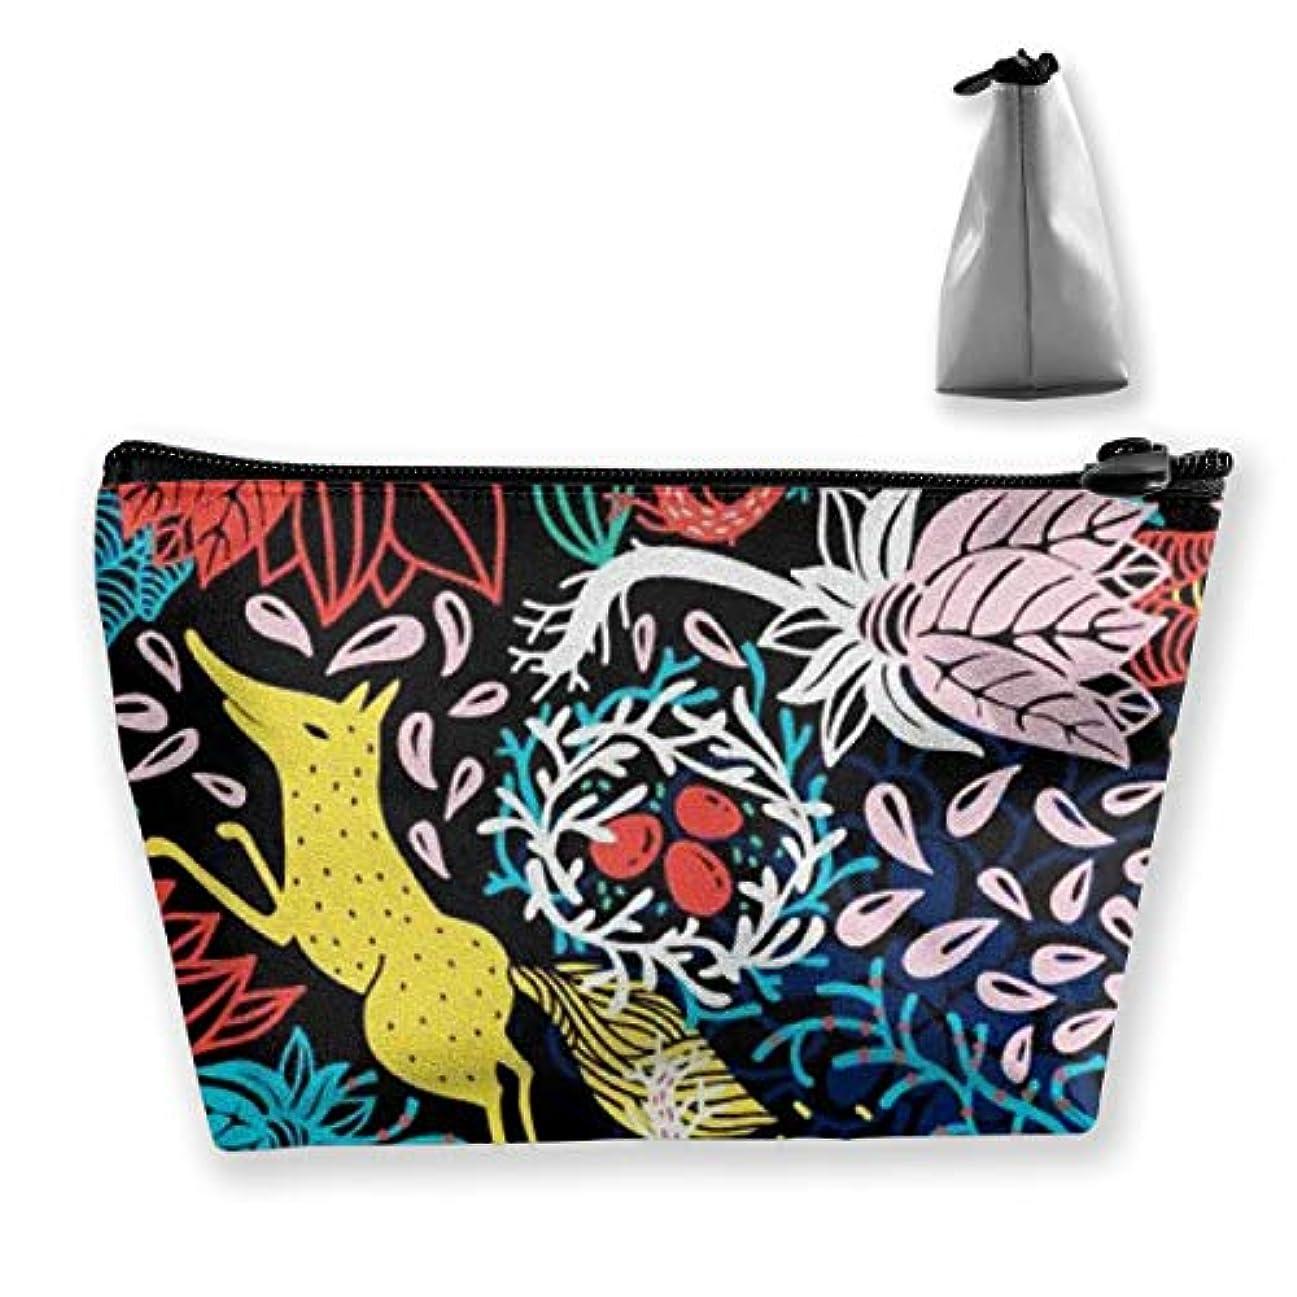 したがって慎重クッションキツネの夏の花 収納ポーチ 化粧ポーチ トラベルポーチ 小物入れ 小財布 防水 大容量 旅行 おしゃれ